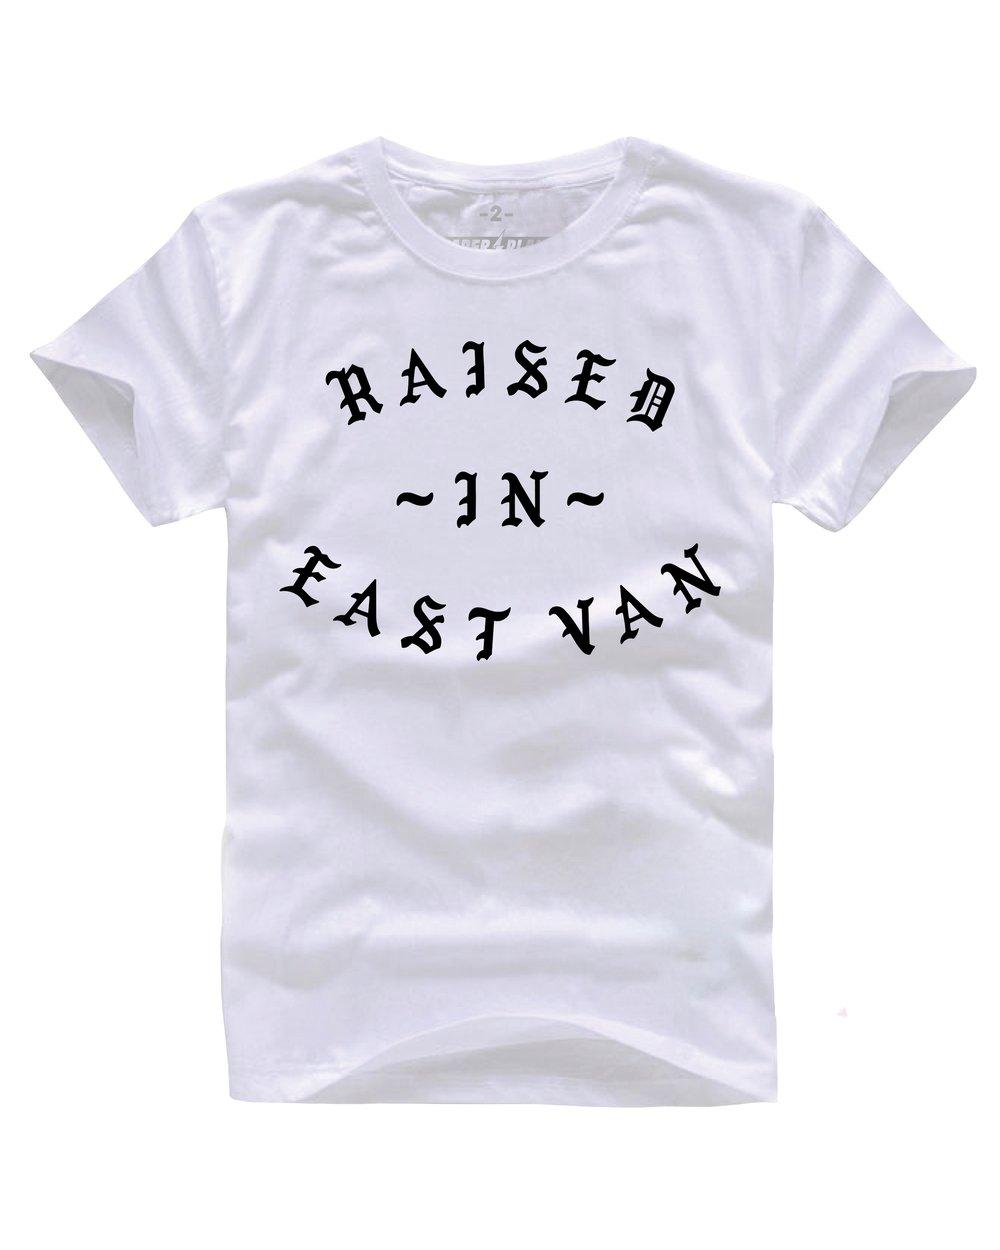 RAISED IN EAST VAN TEE WHITE